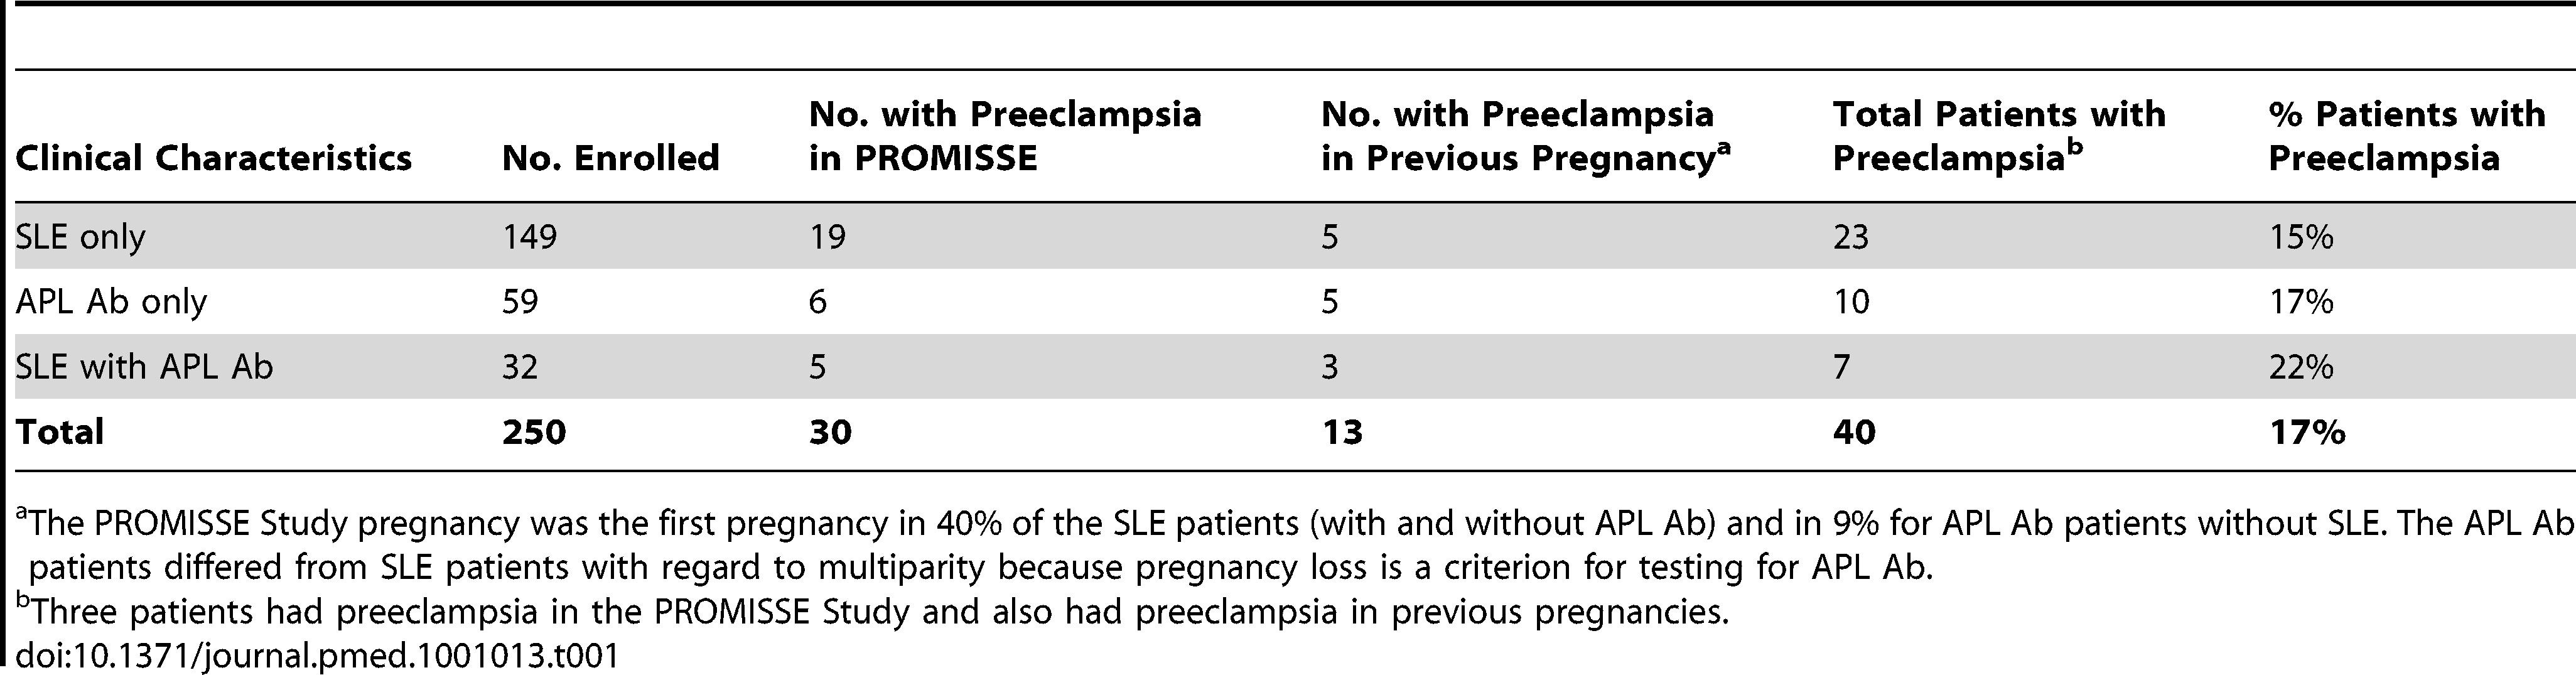 Preeclampsia in autoimmune PROMISSE patients.